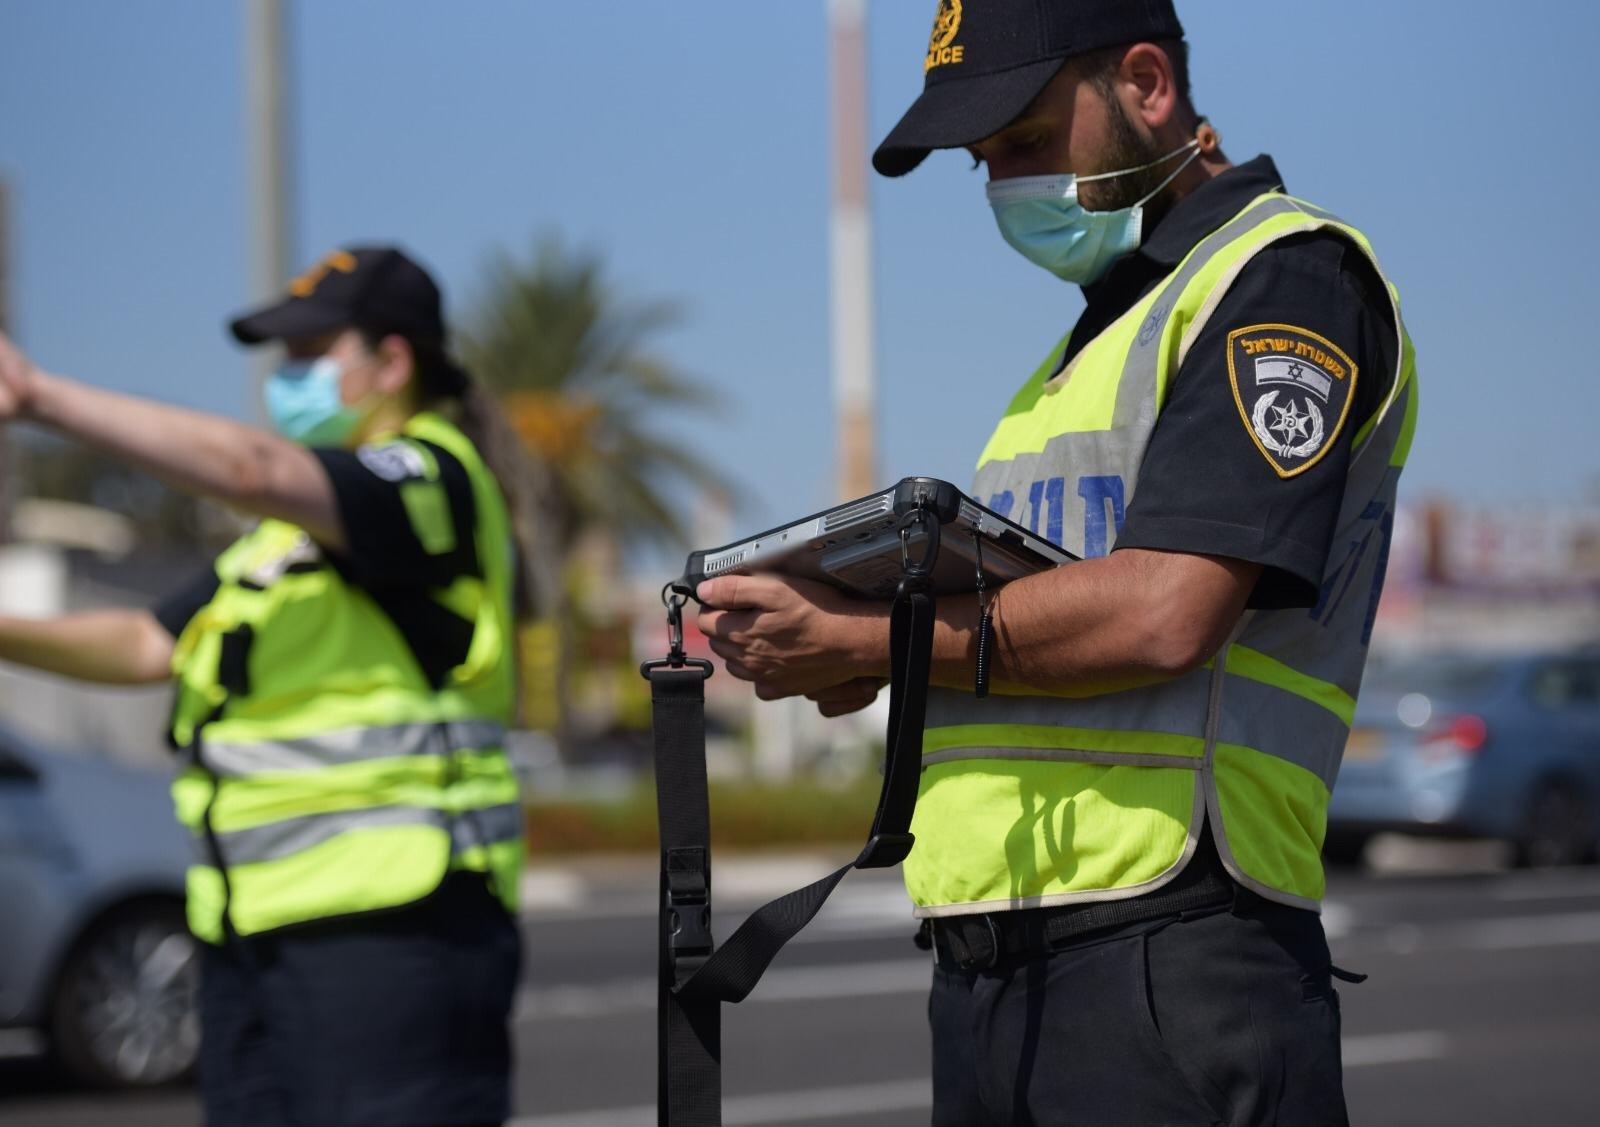 فقط يوم أمس .. الشرطة حررت 2557 مخالفة كورونا!-2